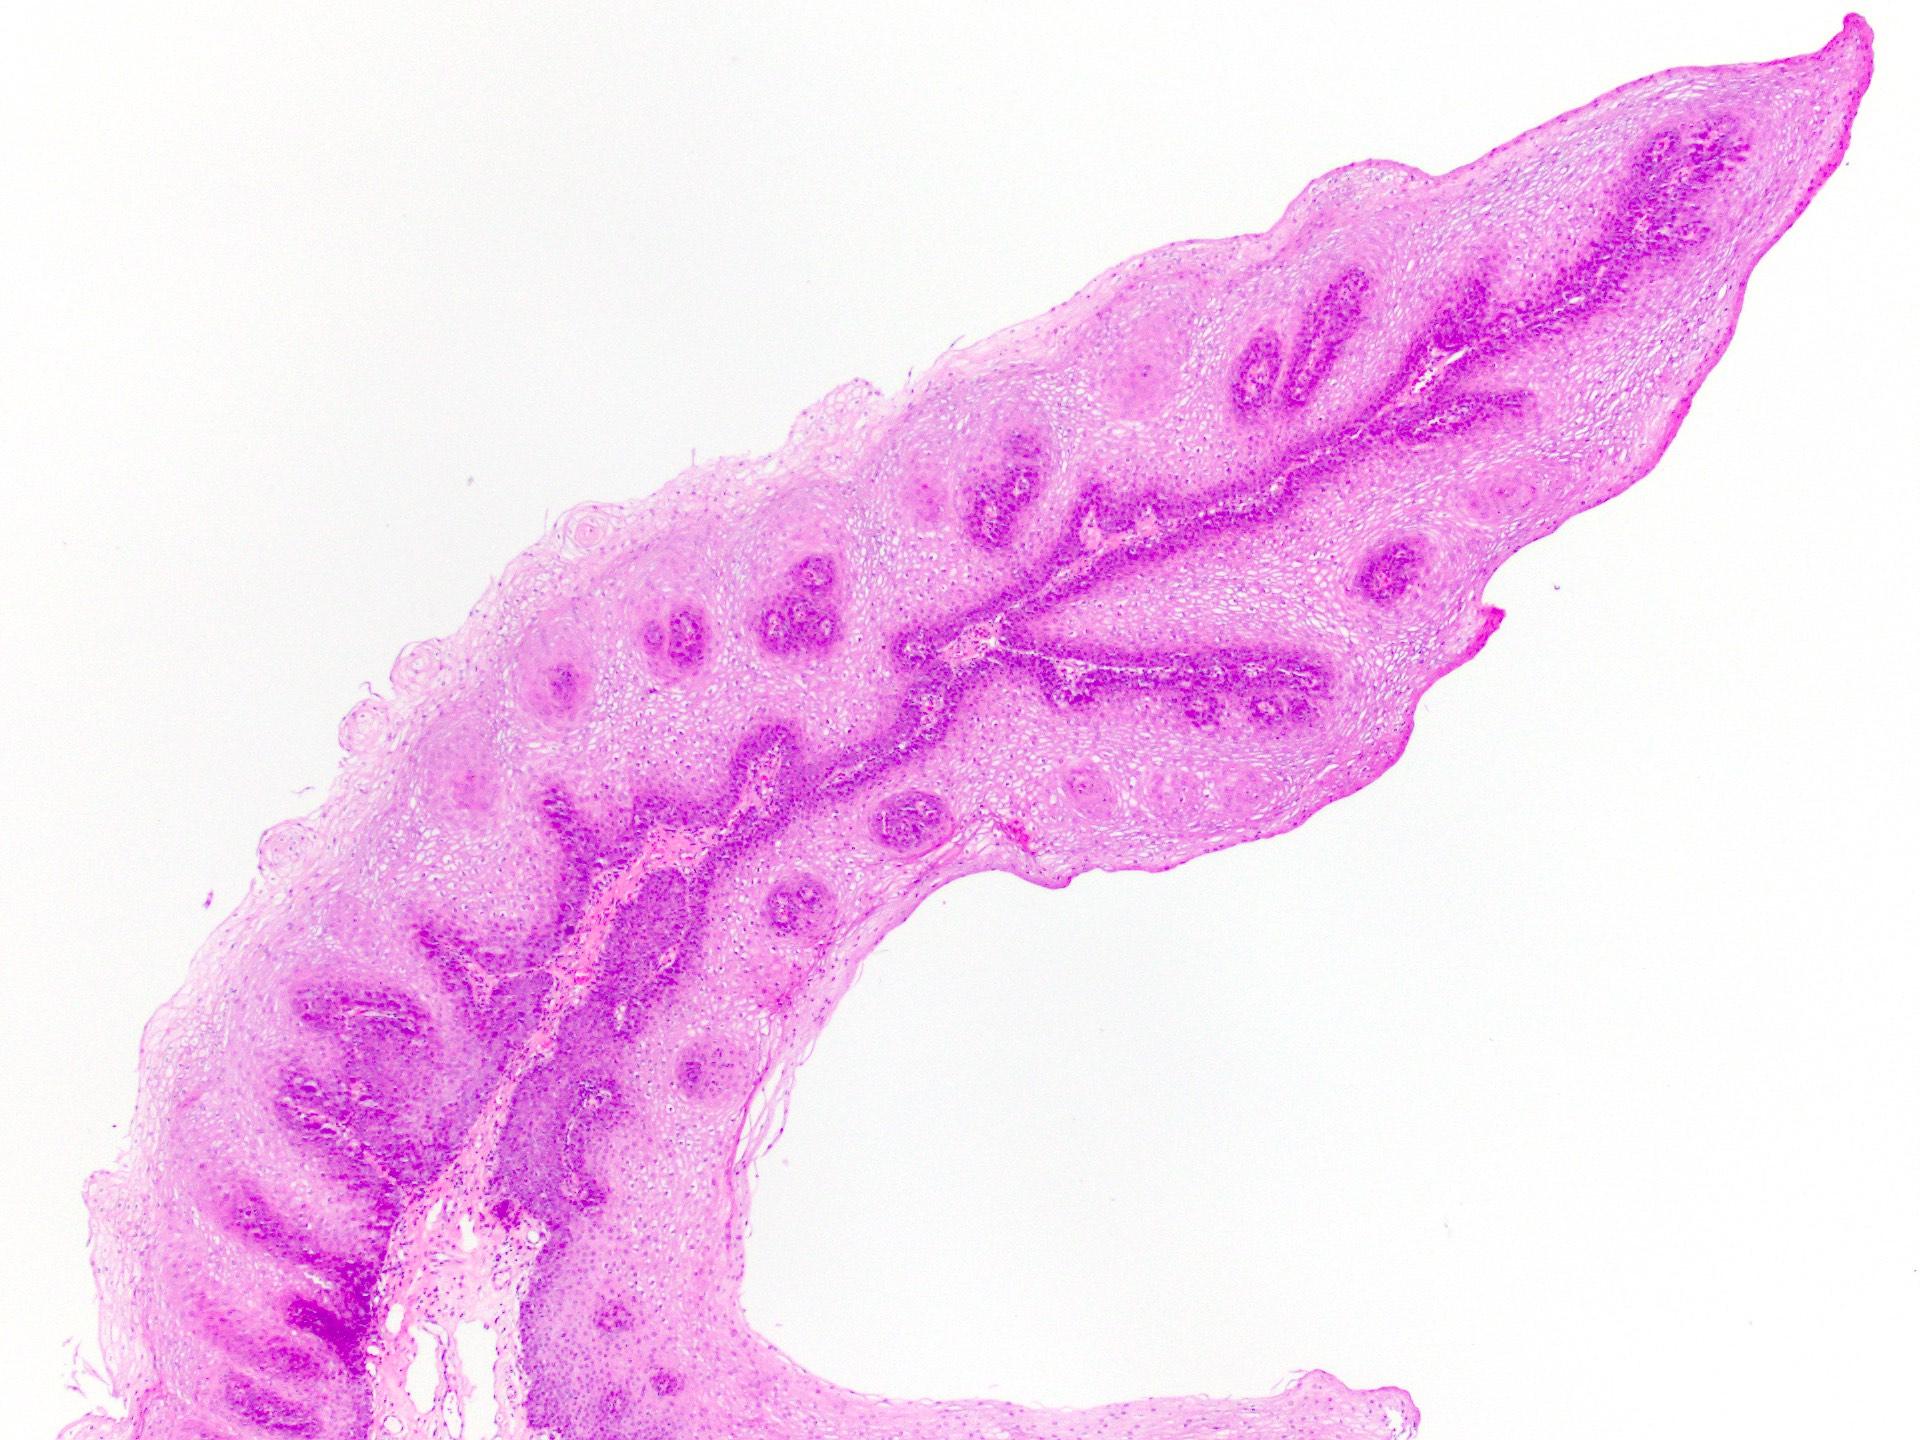 pikkelyes papilloma nyelv hpv talpi szemölcsök moxibustion folyékony nitrogénnel